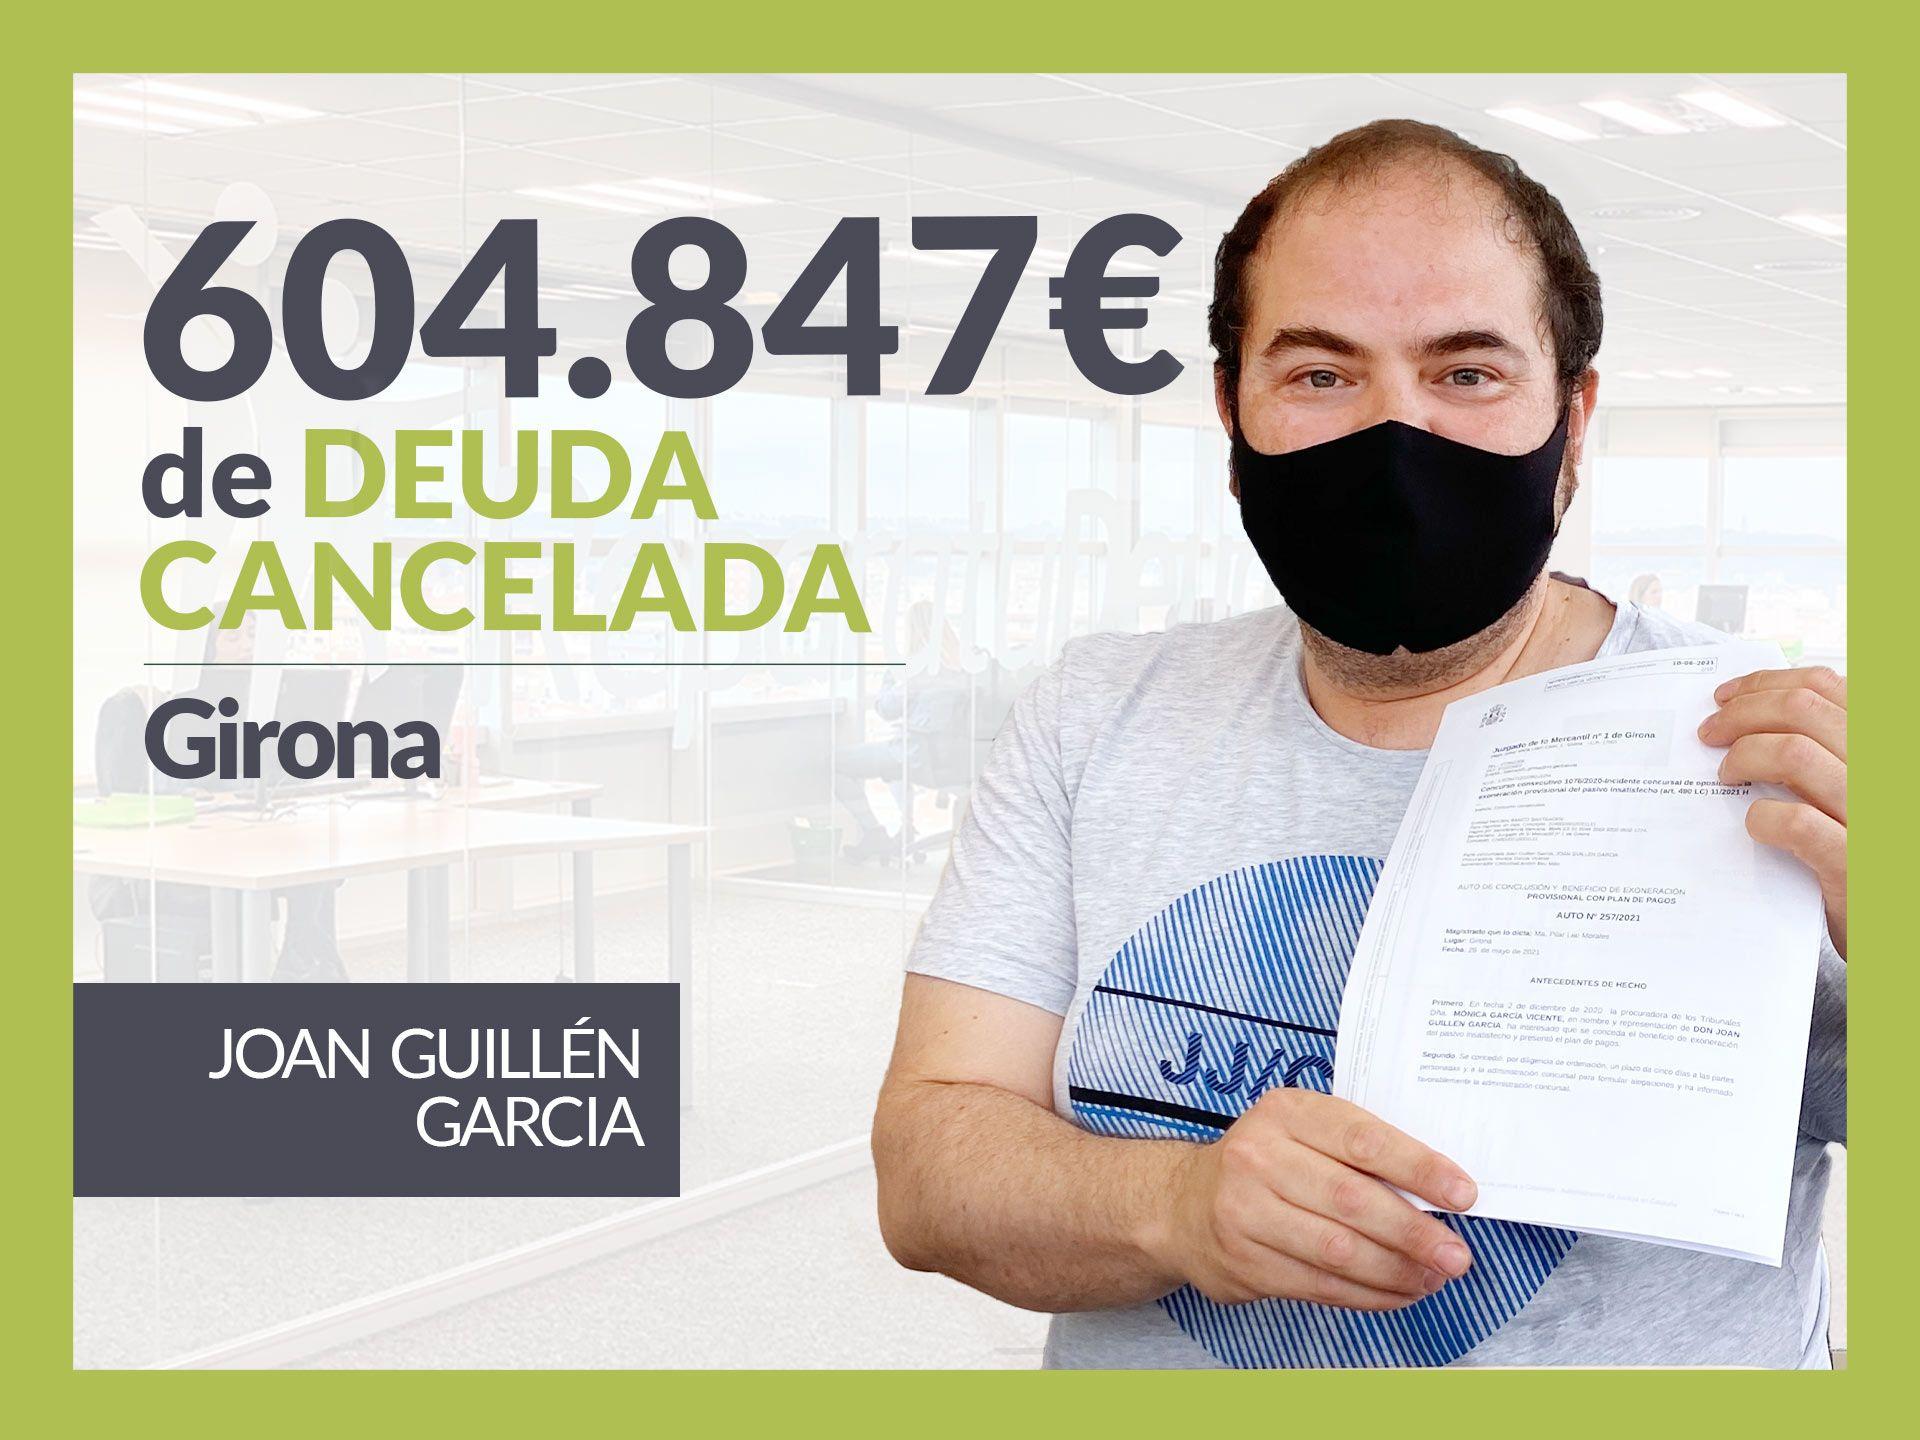 Repara tu Deuda Abogados cancela 604.847? en Girona con la Ley de Segunda Oportunidad